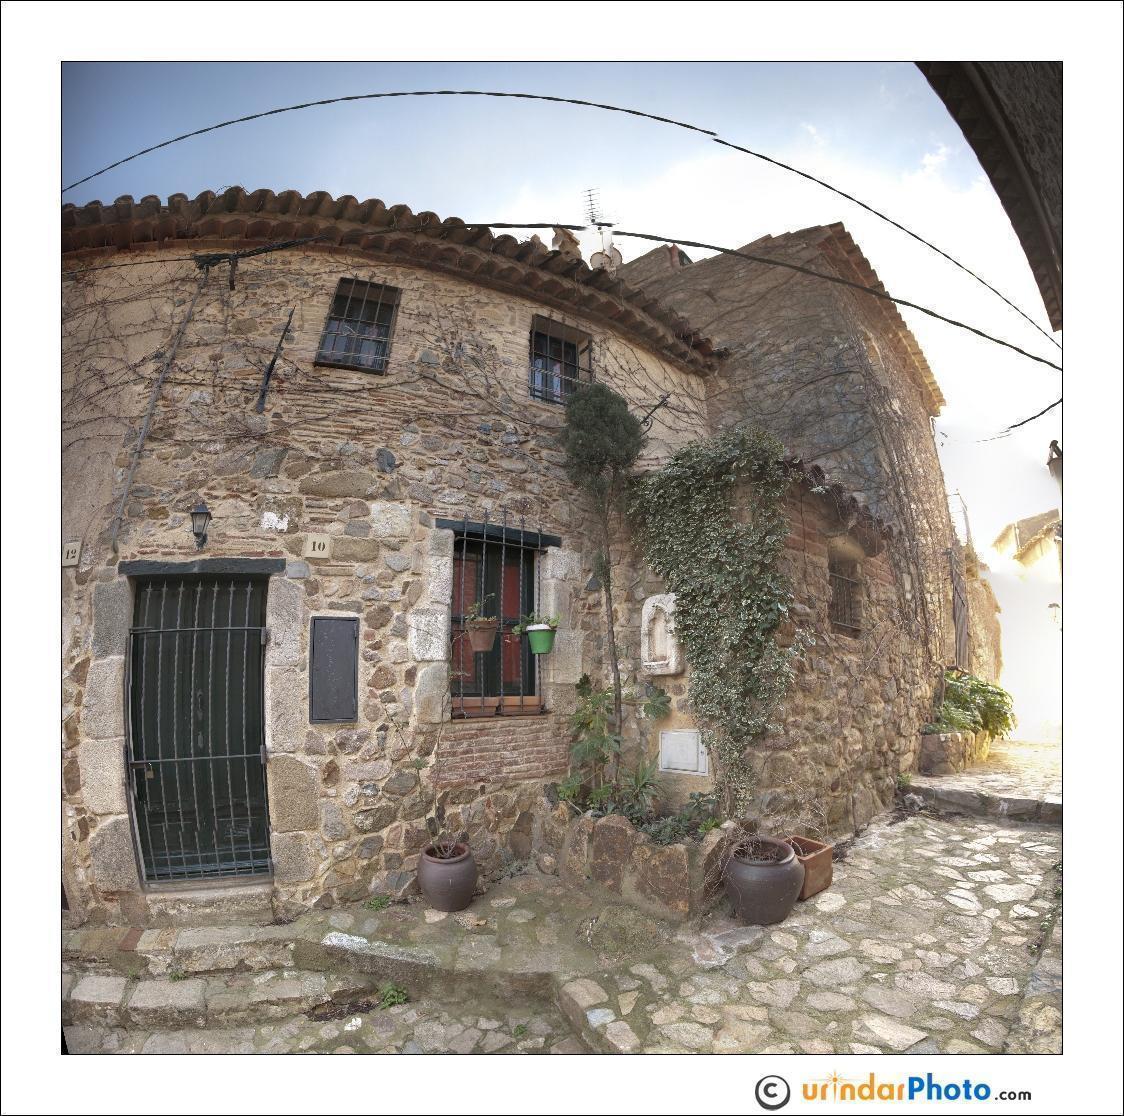 UP_casa_tossa_pano_20100218_142146_wm